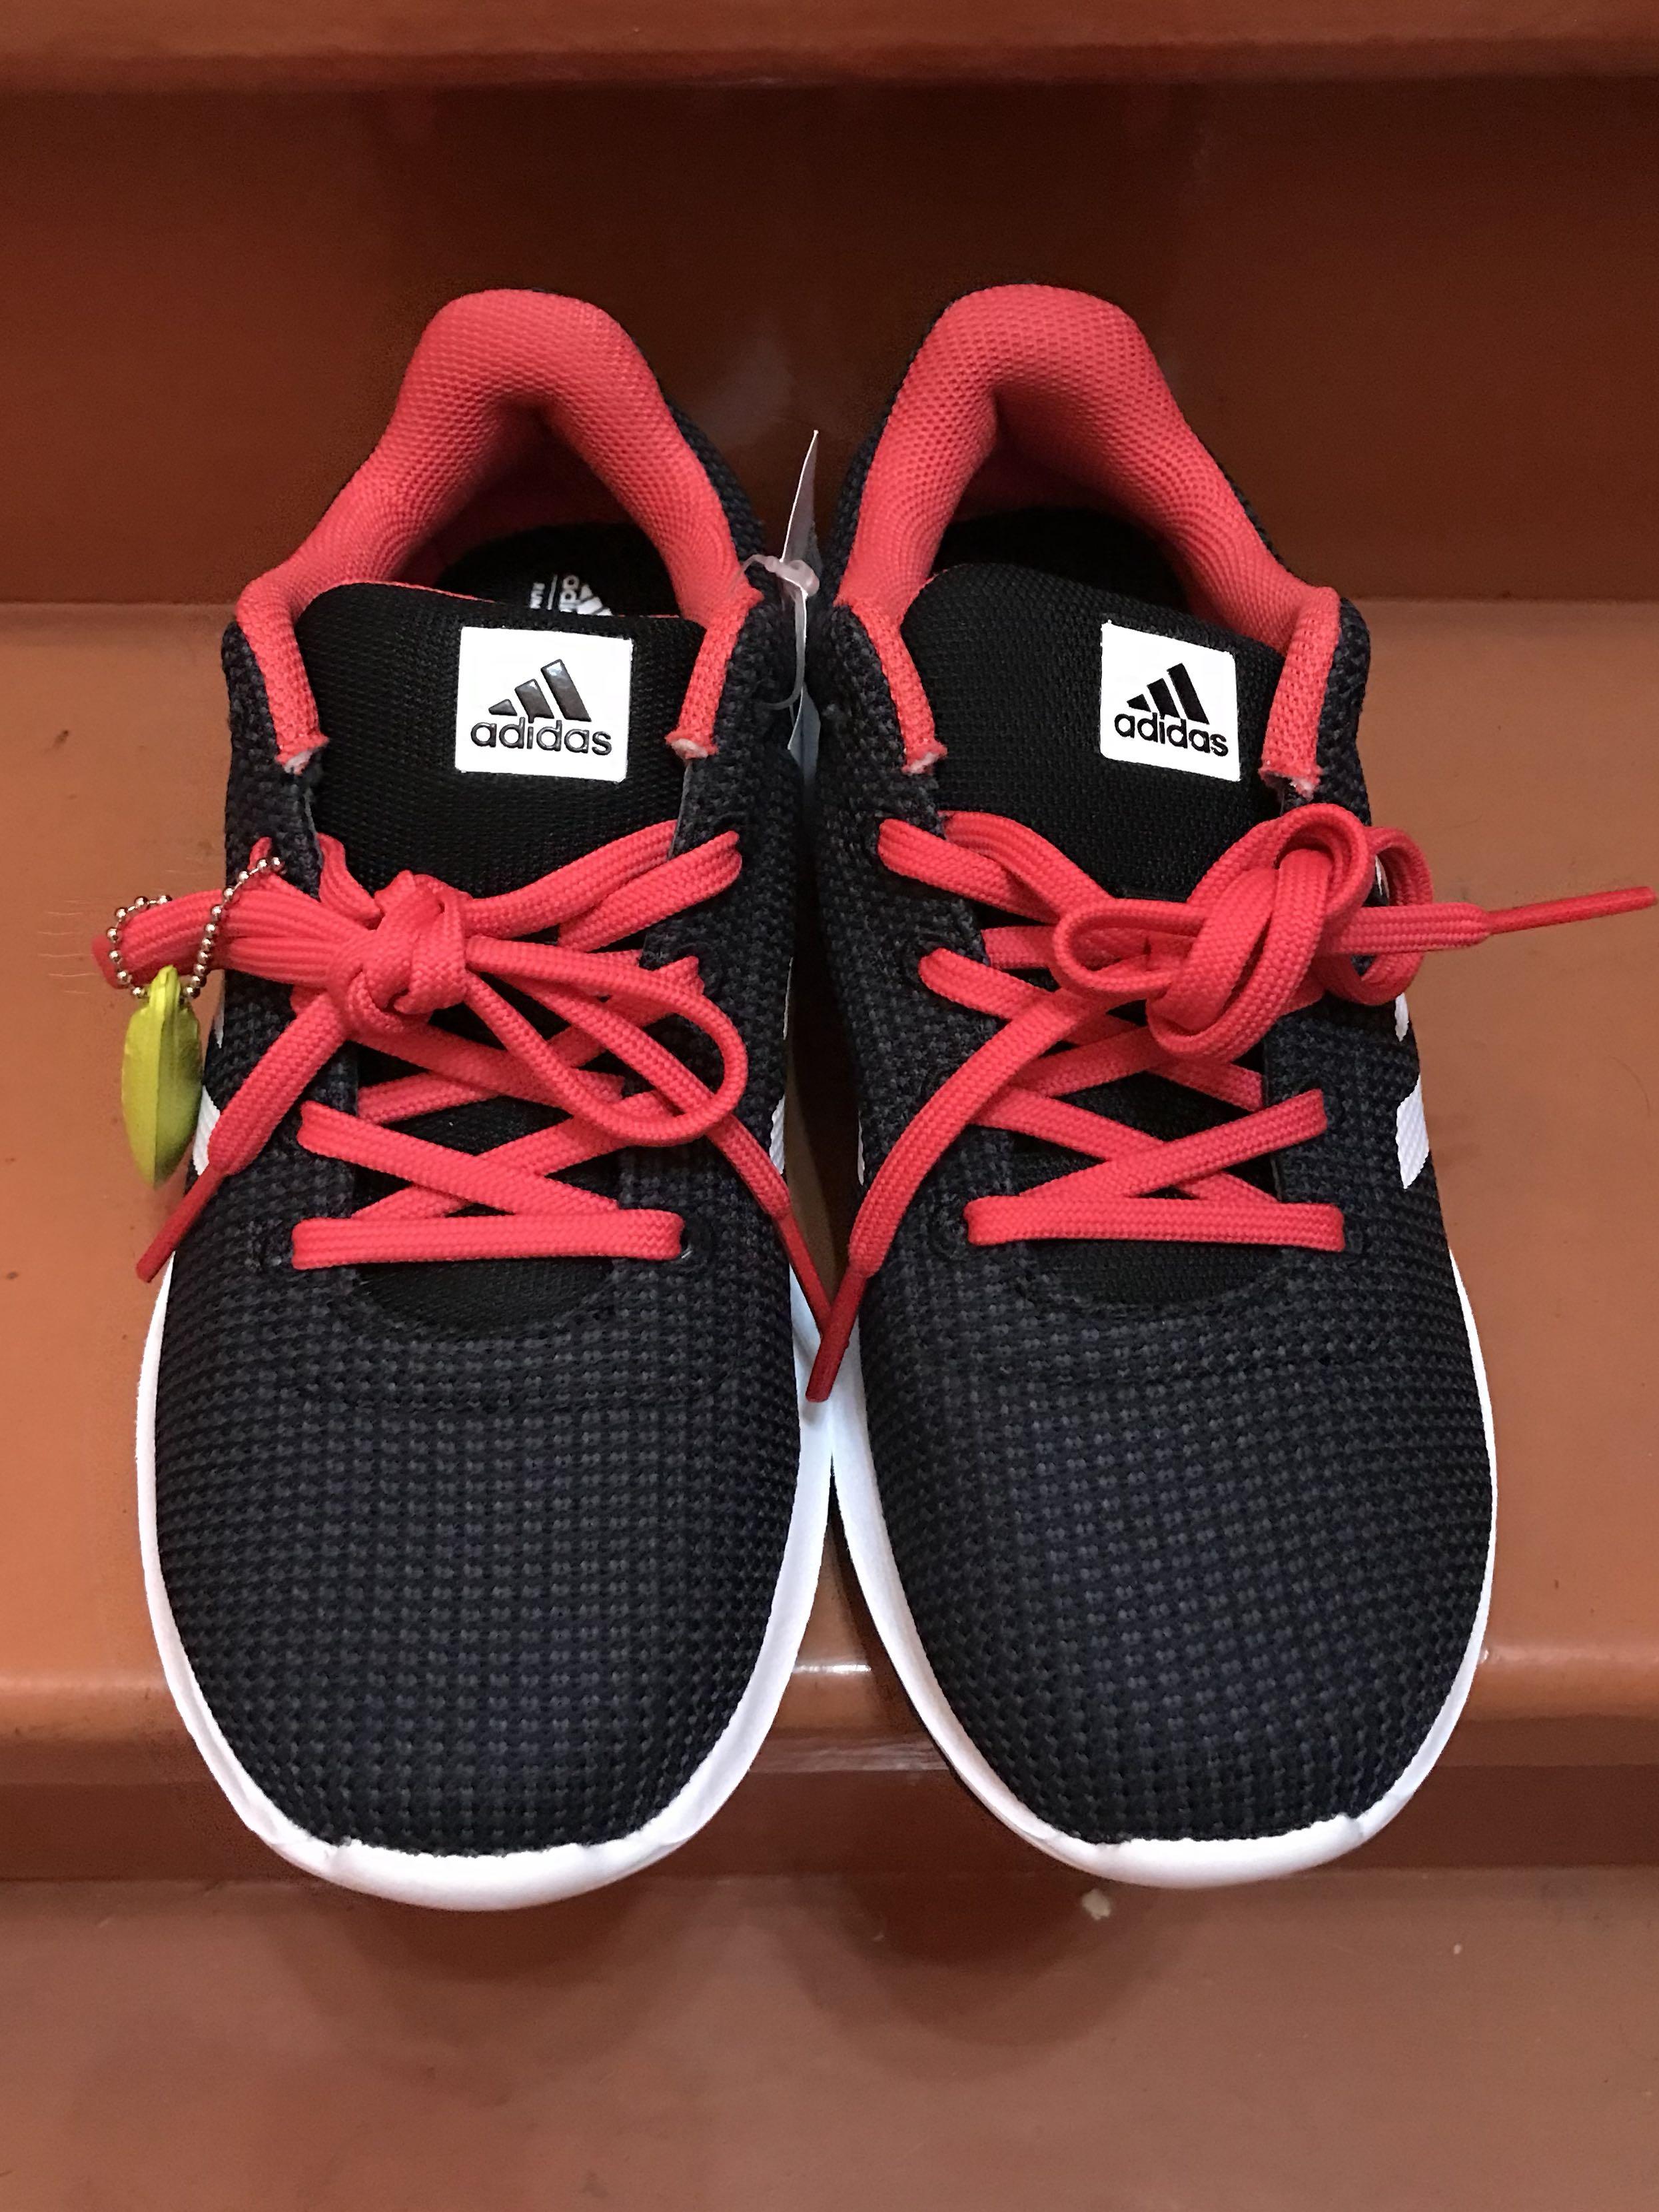 Adidas Cosmic W Cloudfoam Size 7 US